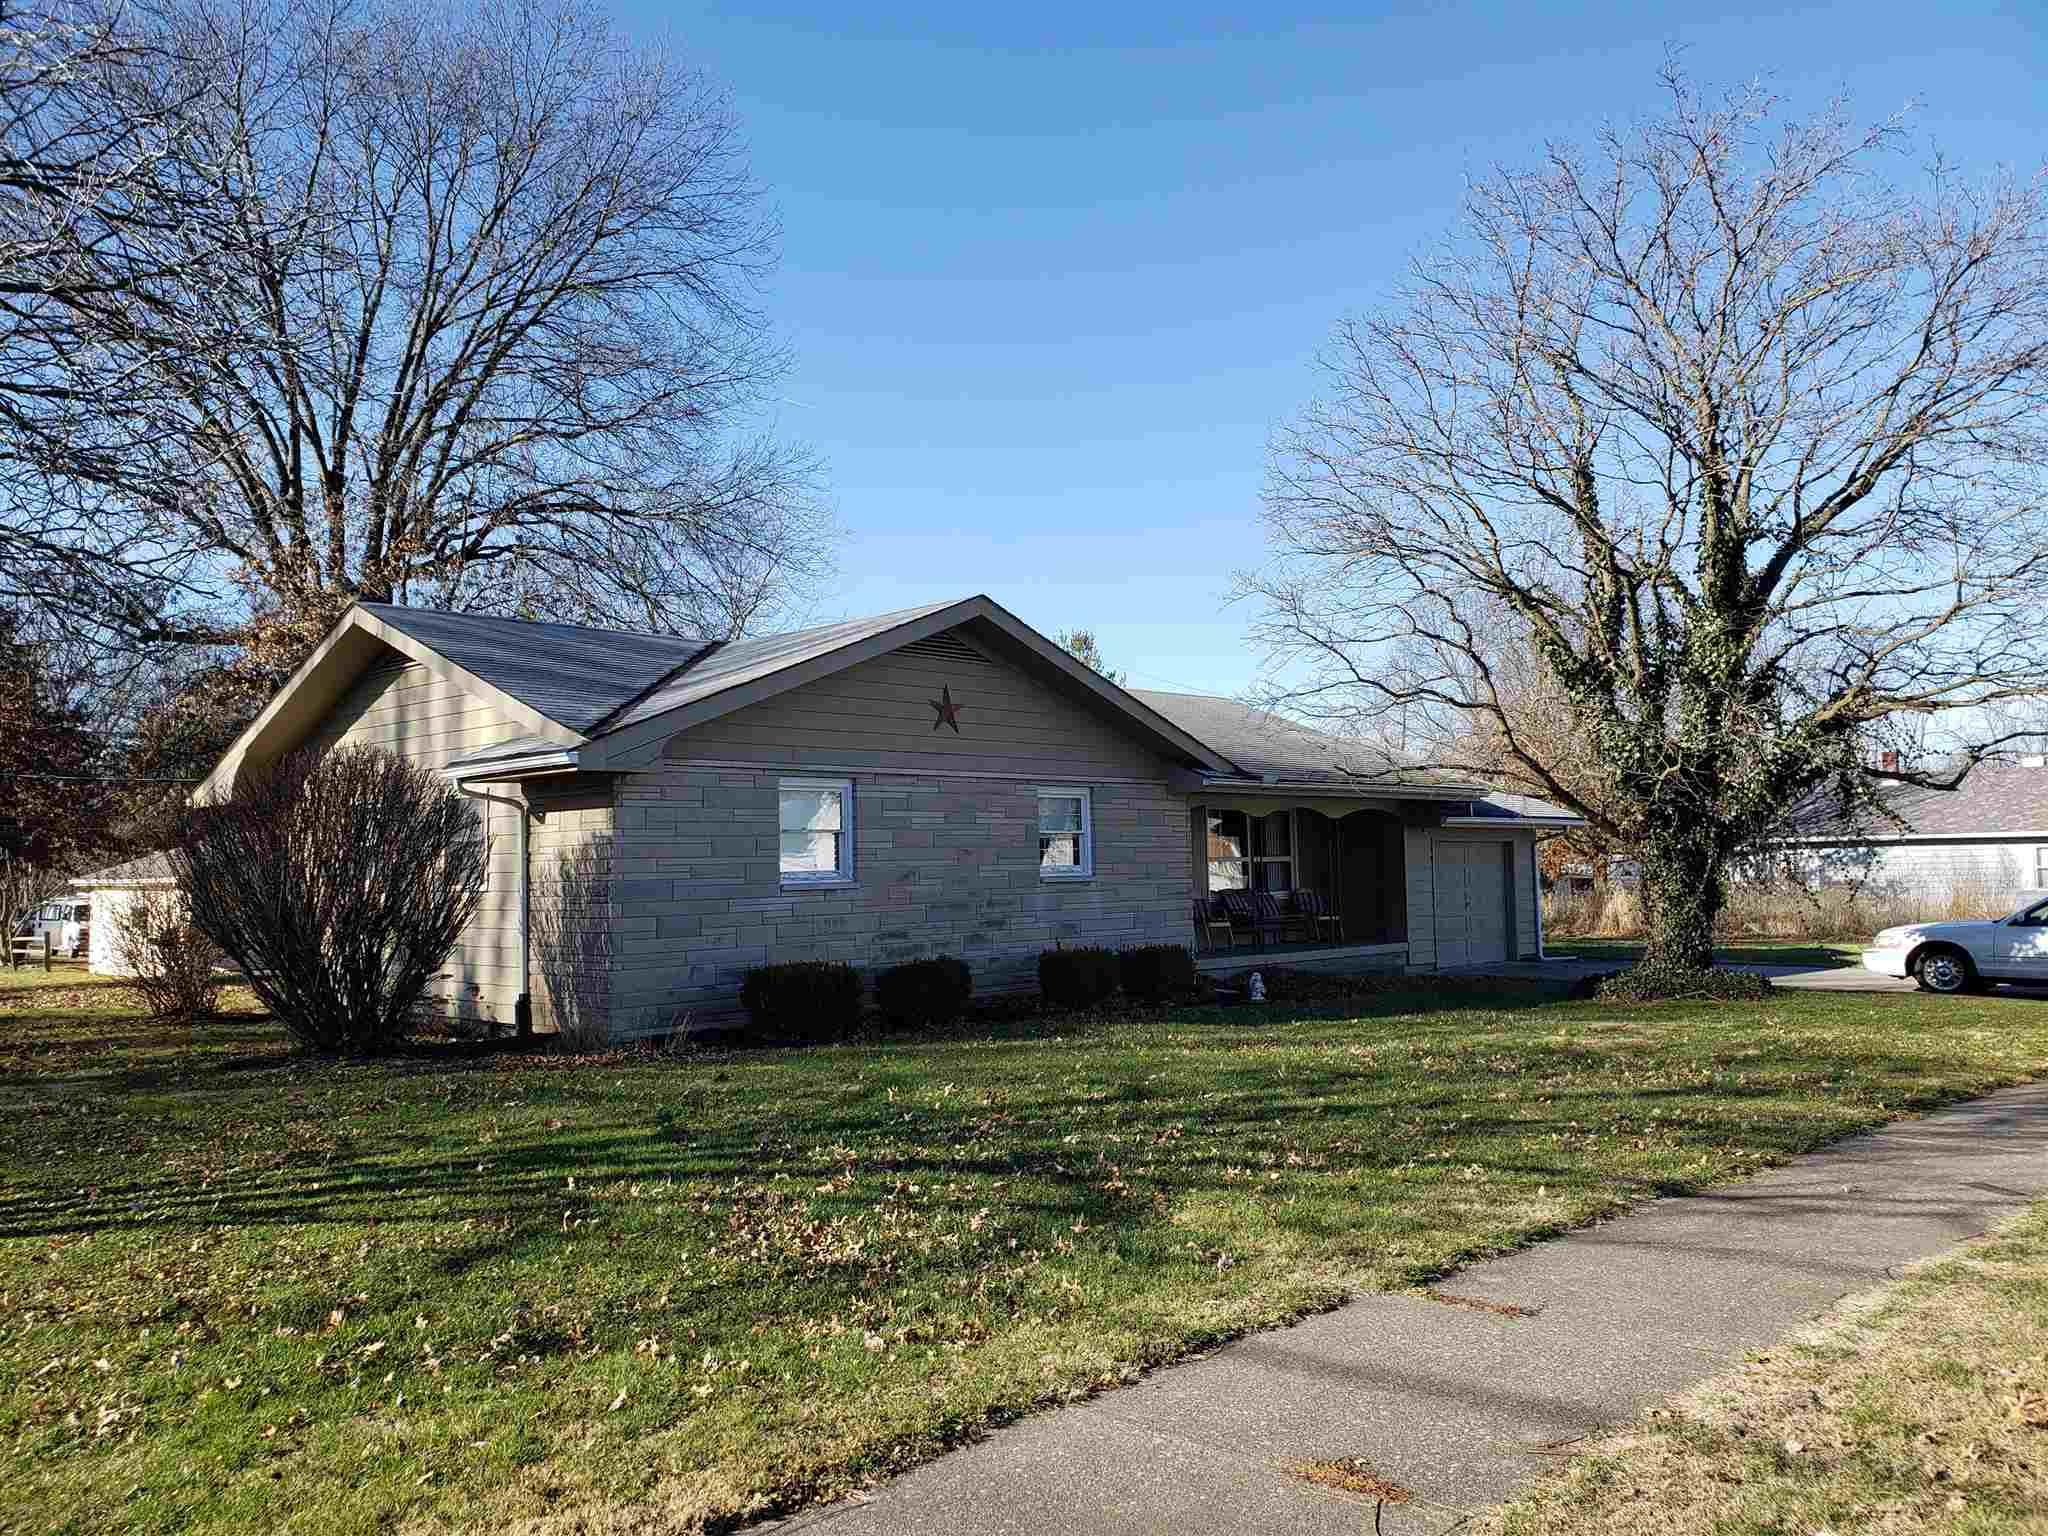 116 N Park Street Jasonville,IN 47438 202049887